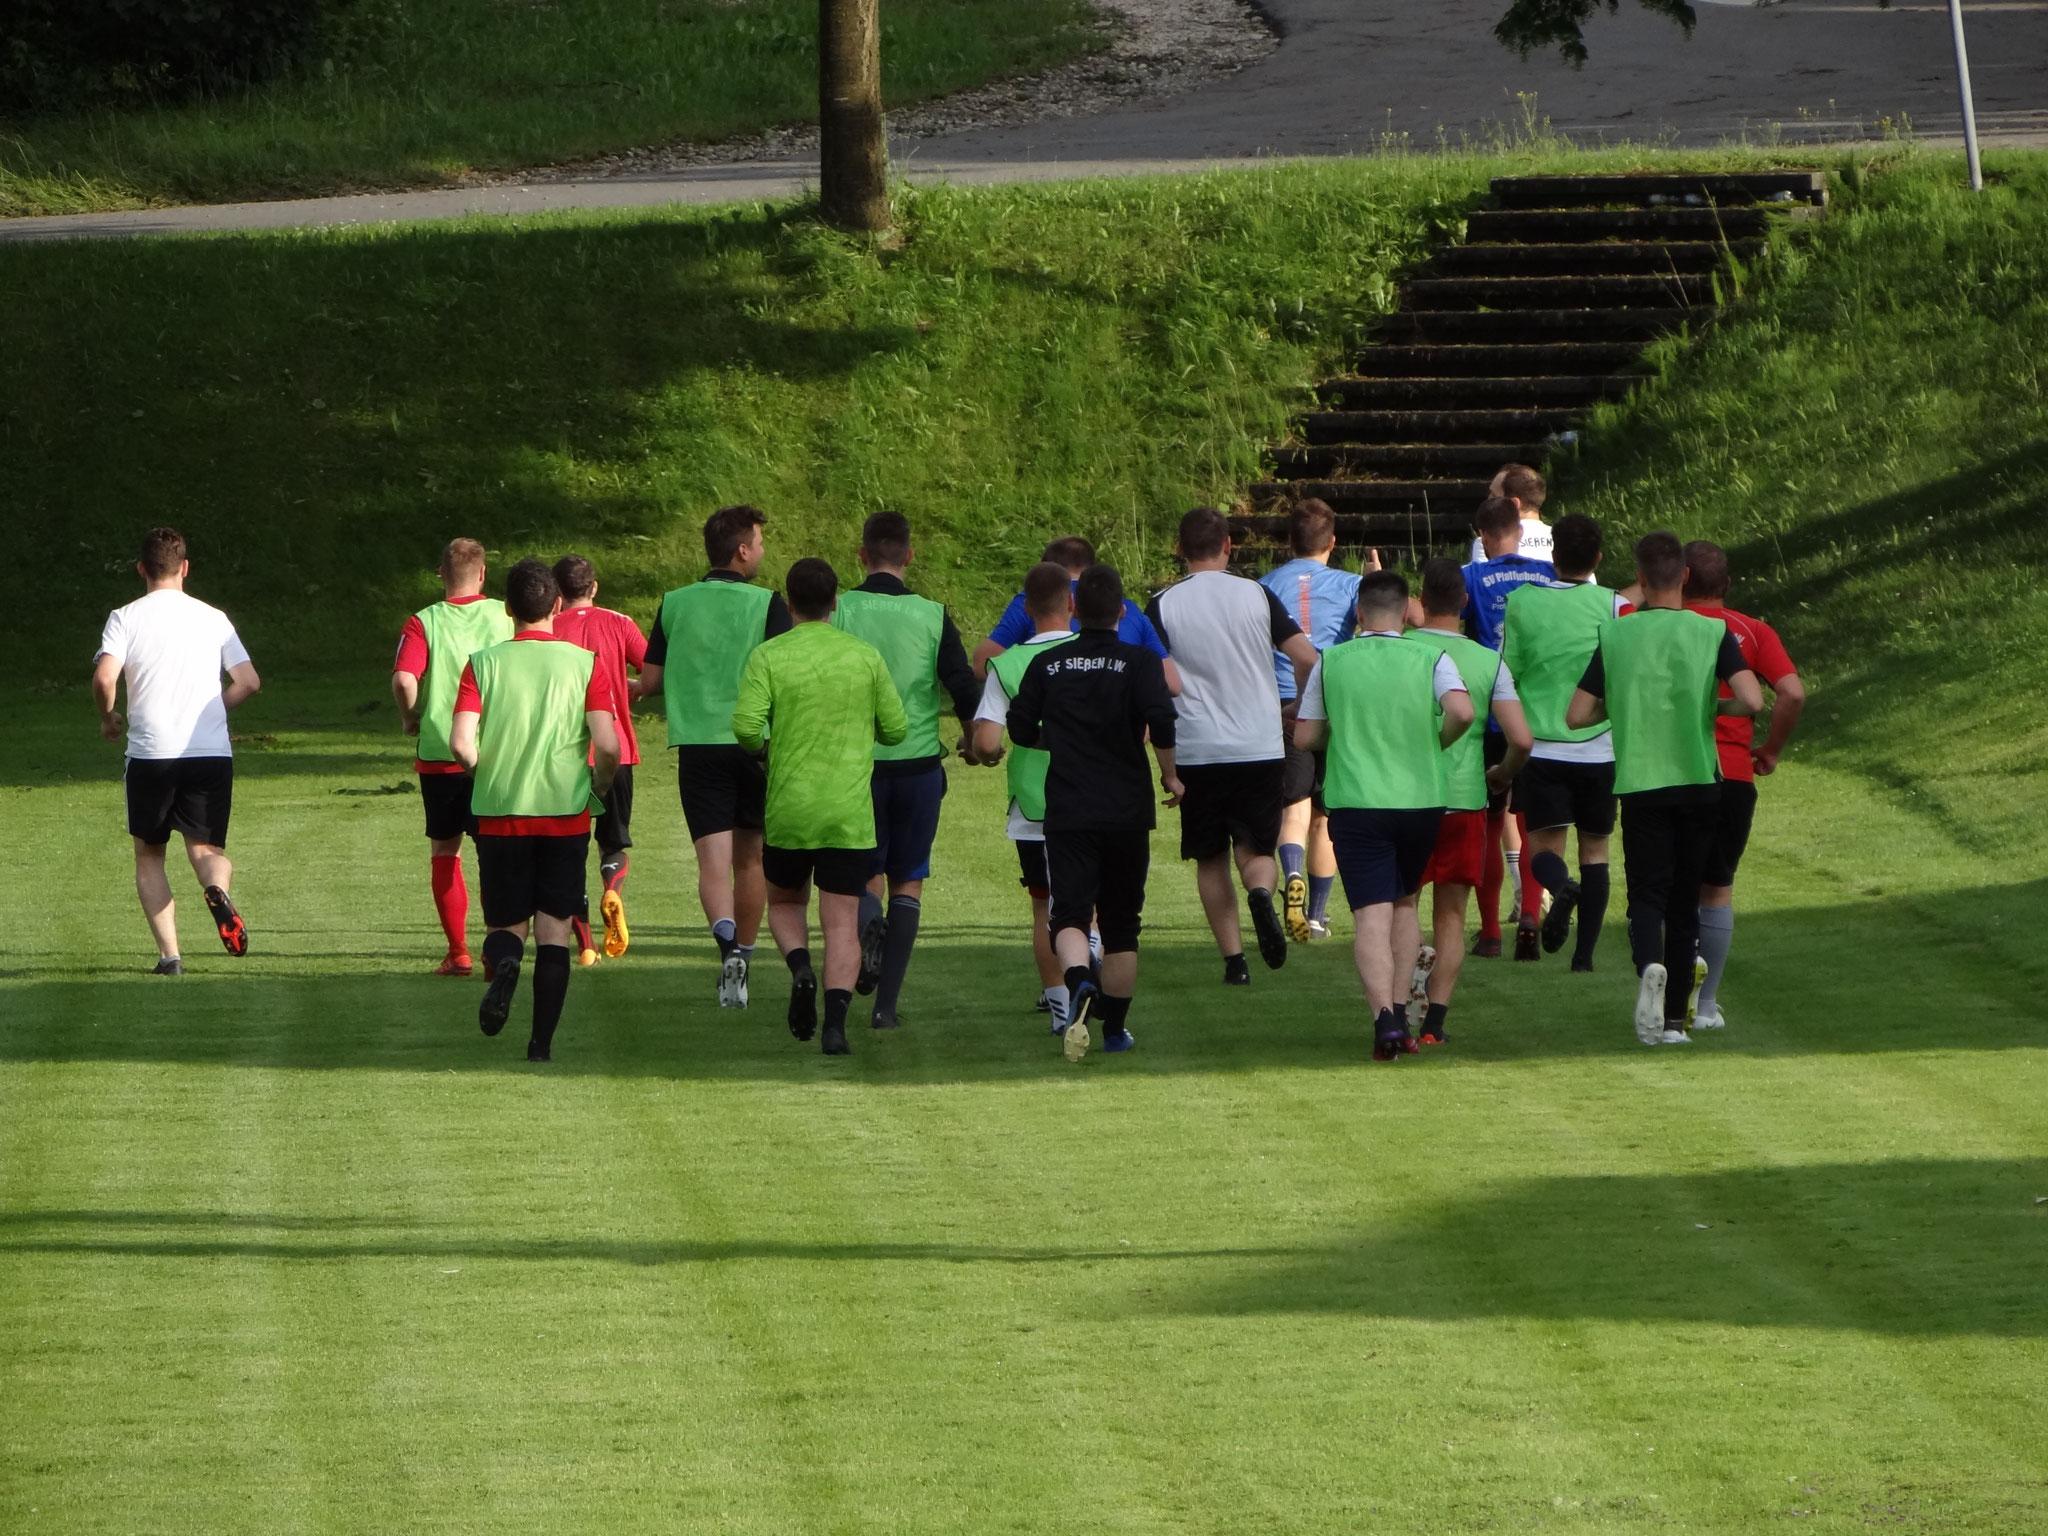 Spieler aus Sießen und Wain vereint beim Trainingsauftakt.